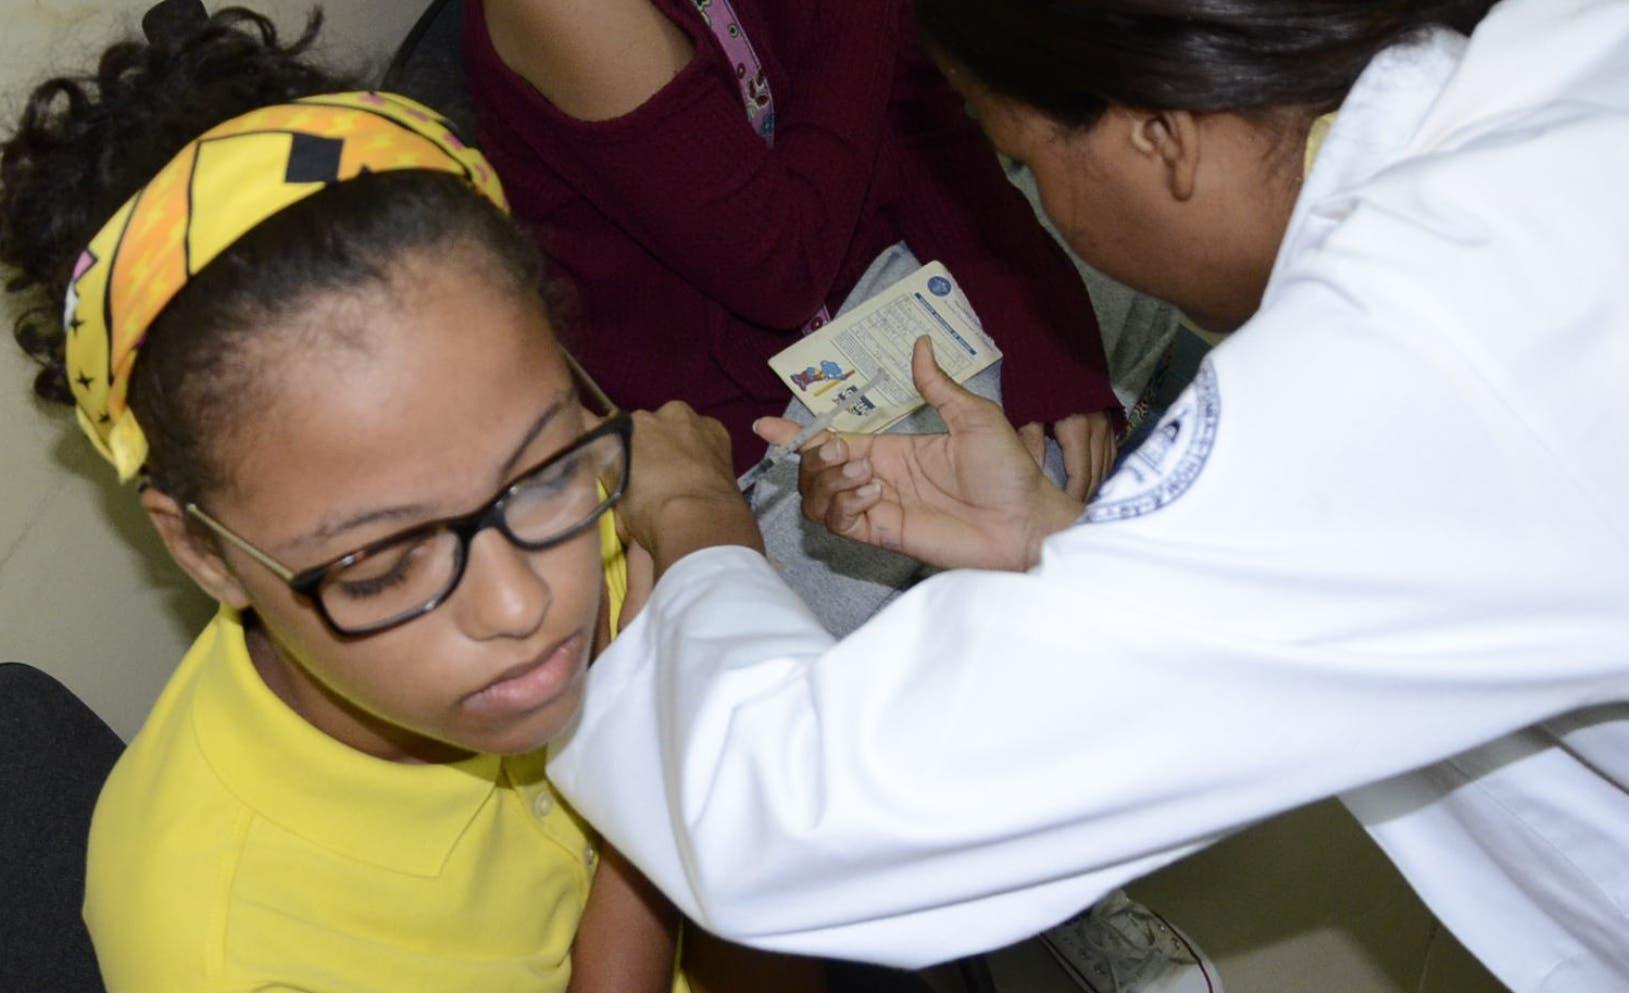 Esta pequeña de siete años recibe su refuerzo de difteria luego que los médicos evaluaran su esquema de vacunación.